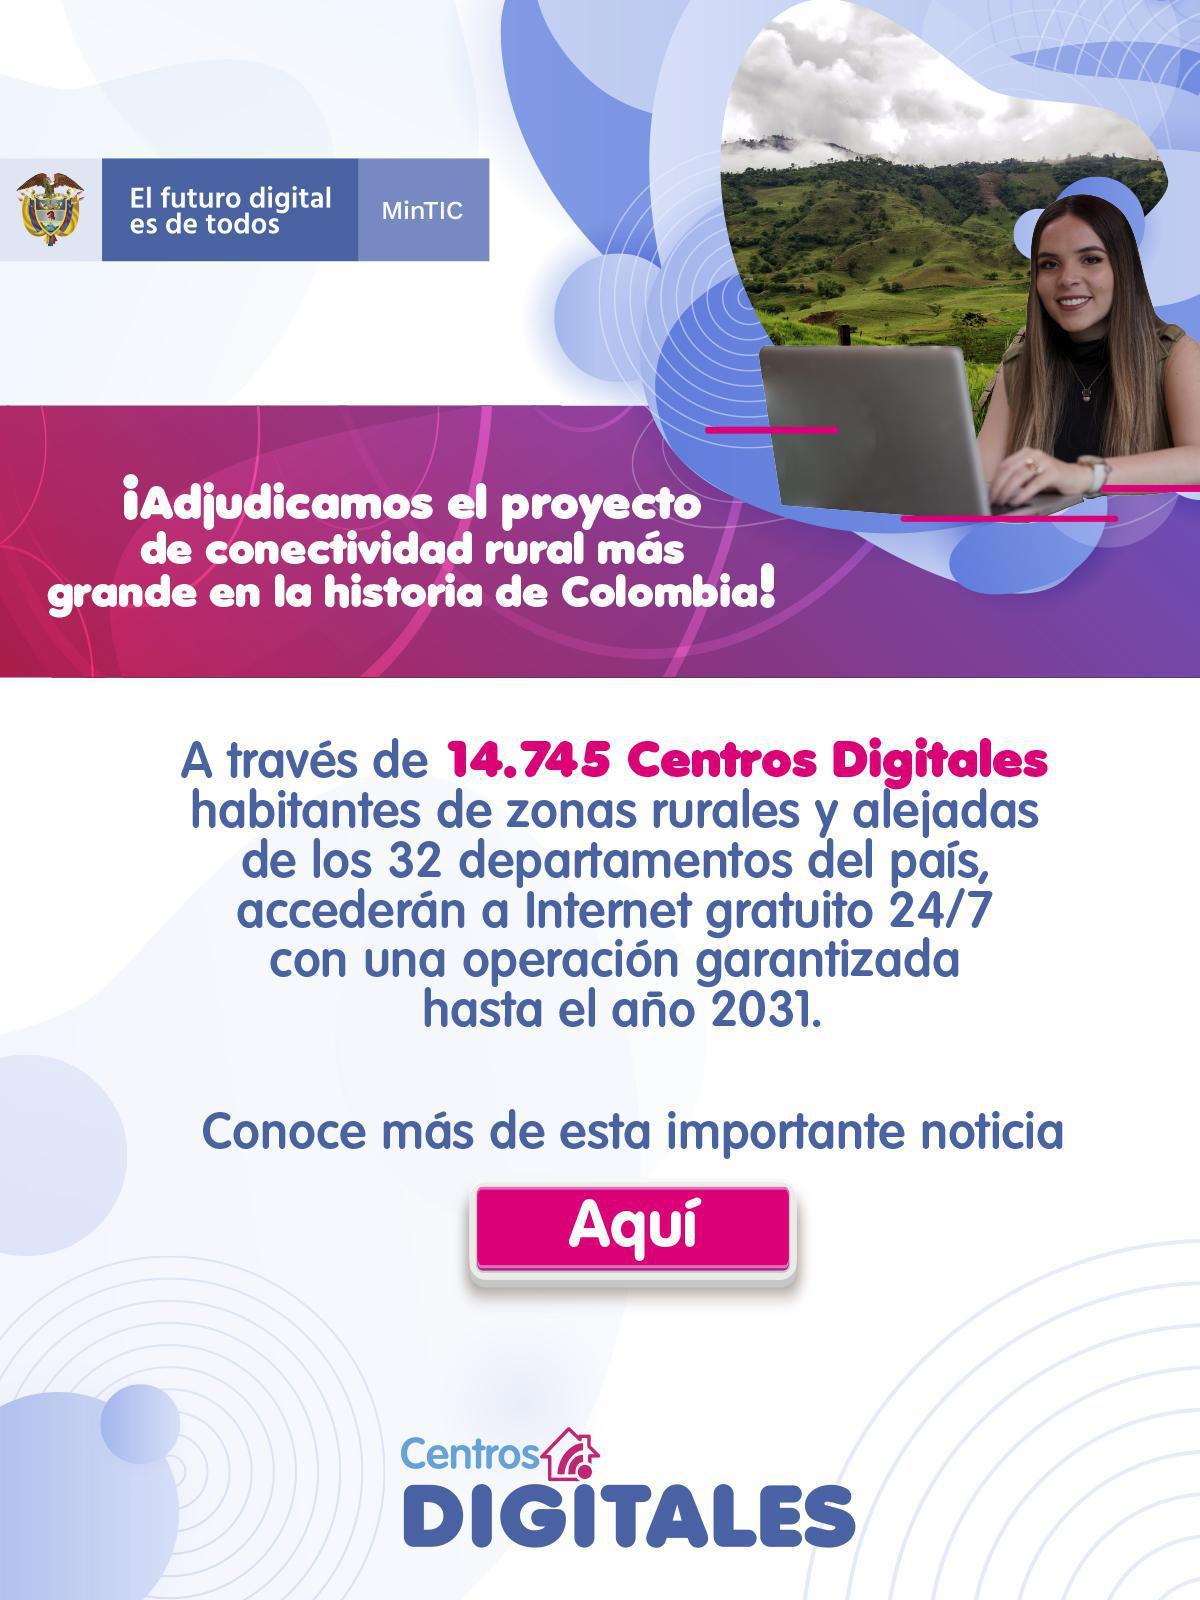 Histórico: Gobierno Duque Adjudica el proyecto de conectividad rural más grande en la historia de Colombia!